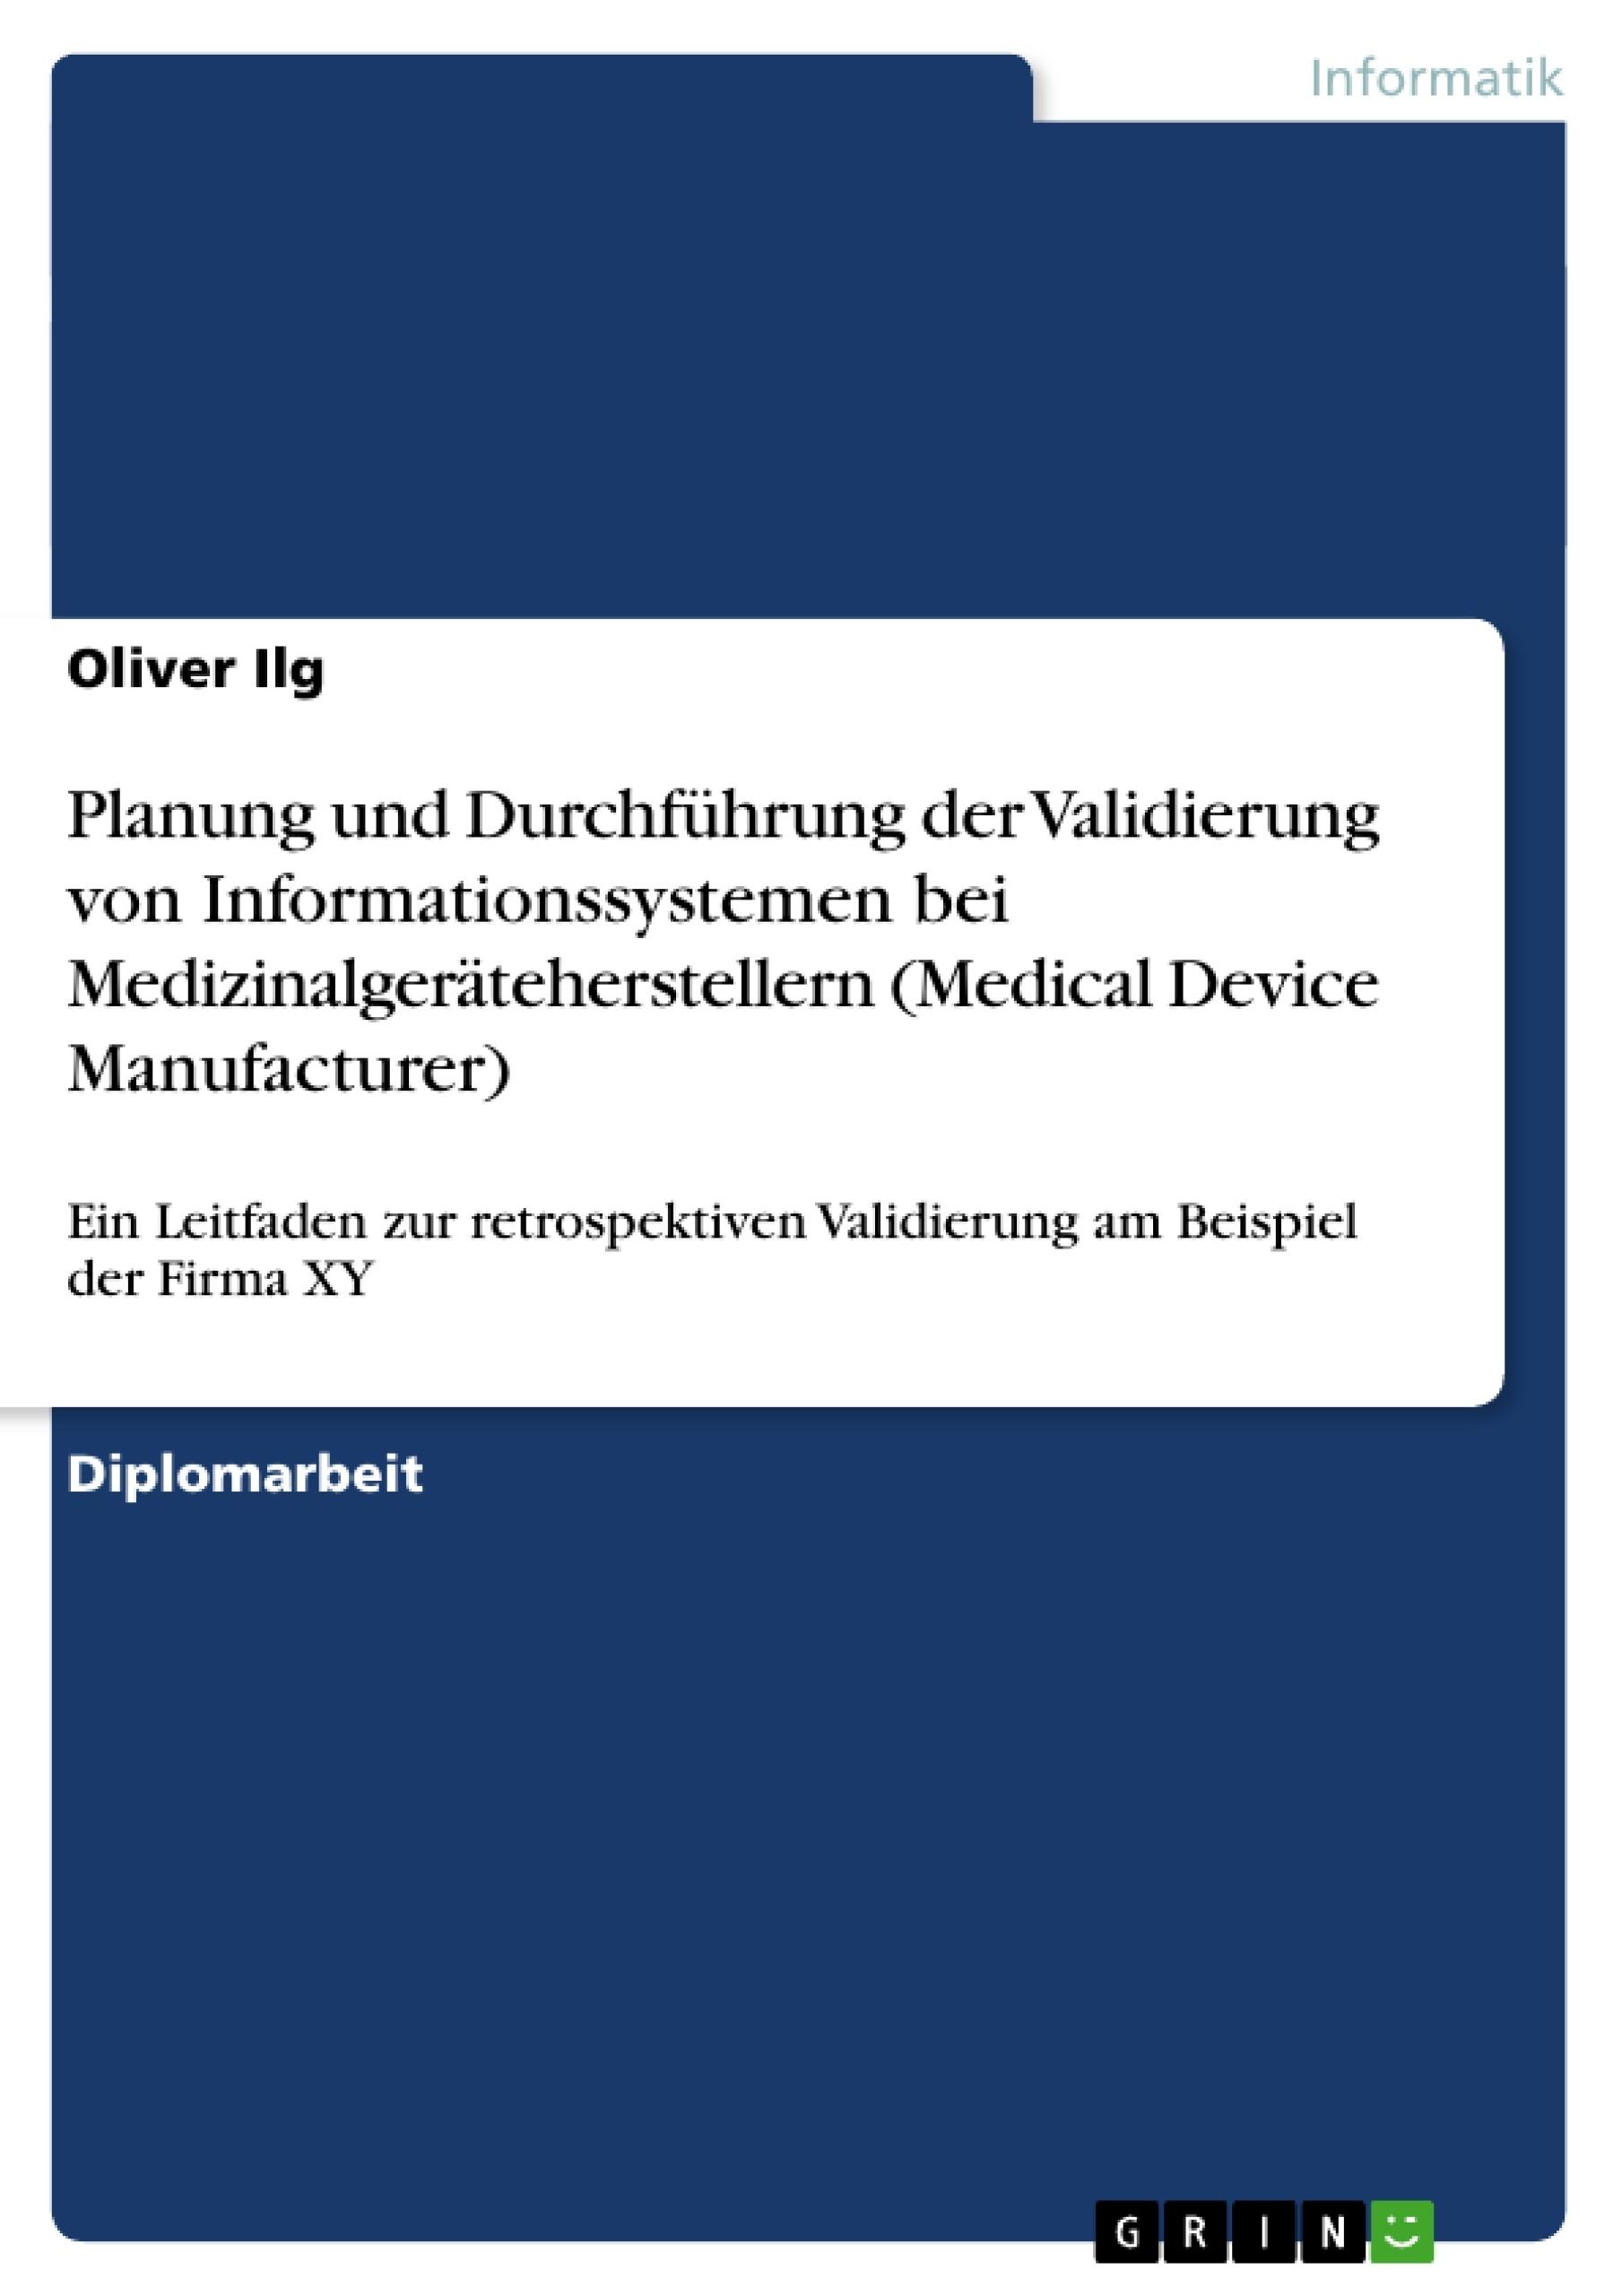 Titel: Planung und Durchführung der Validierung von  Informationssystemen bei Medizinalgeräteherstellern (Medical Device Manufacturer)